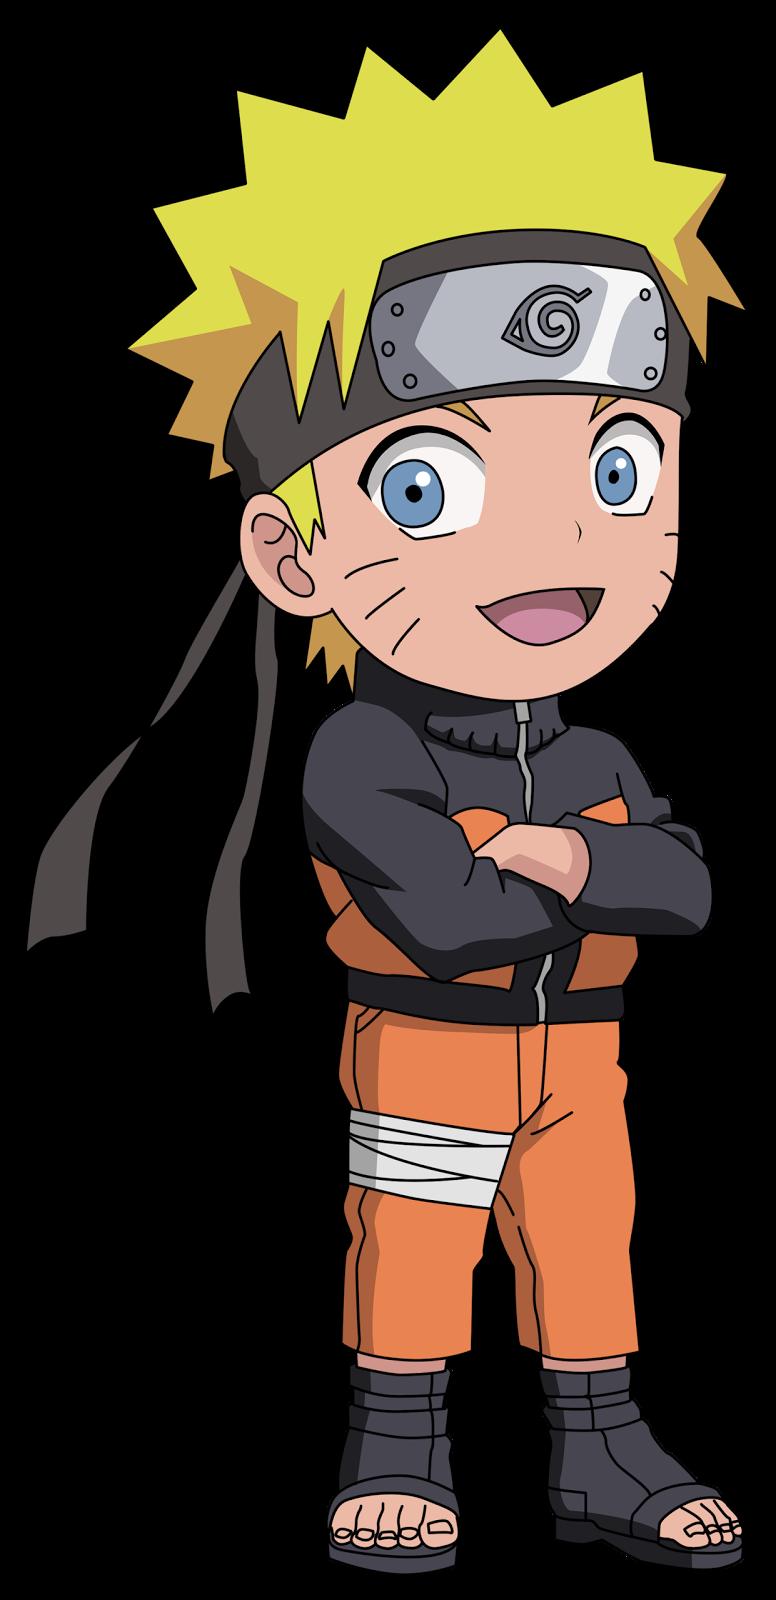 Gambar Naruto Lucu : gambar, naruto, Gambar, Kartun, Naruto, Bestkartun